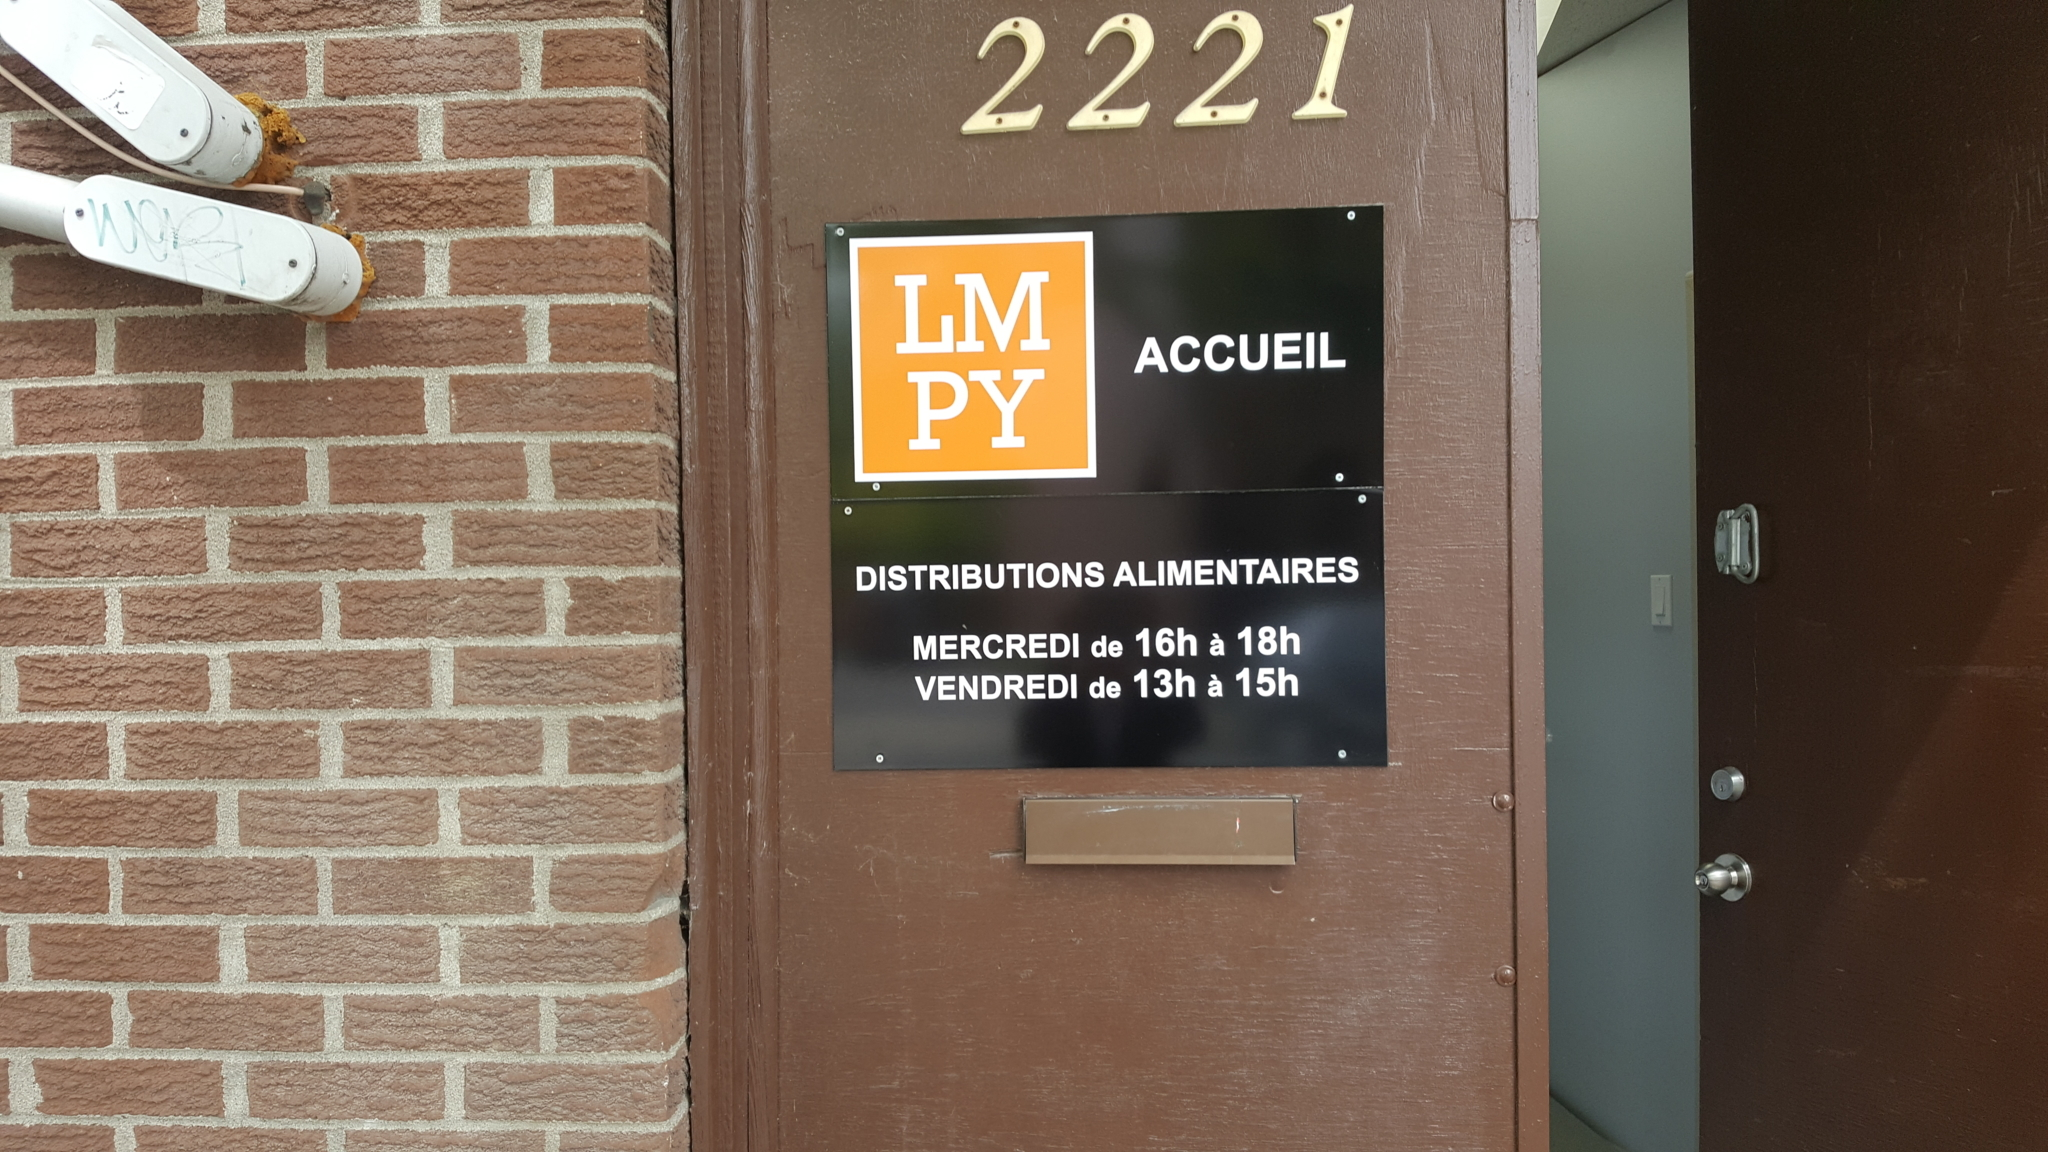 Maison du partage d 39 youville horaire d 39 ouverture 2221 - Piscine maisons laffitte horaires d ouverture metz ...